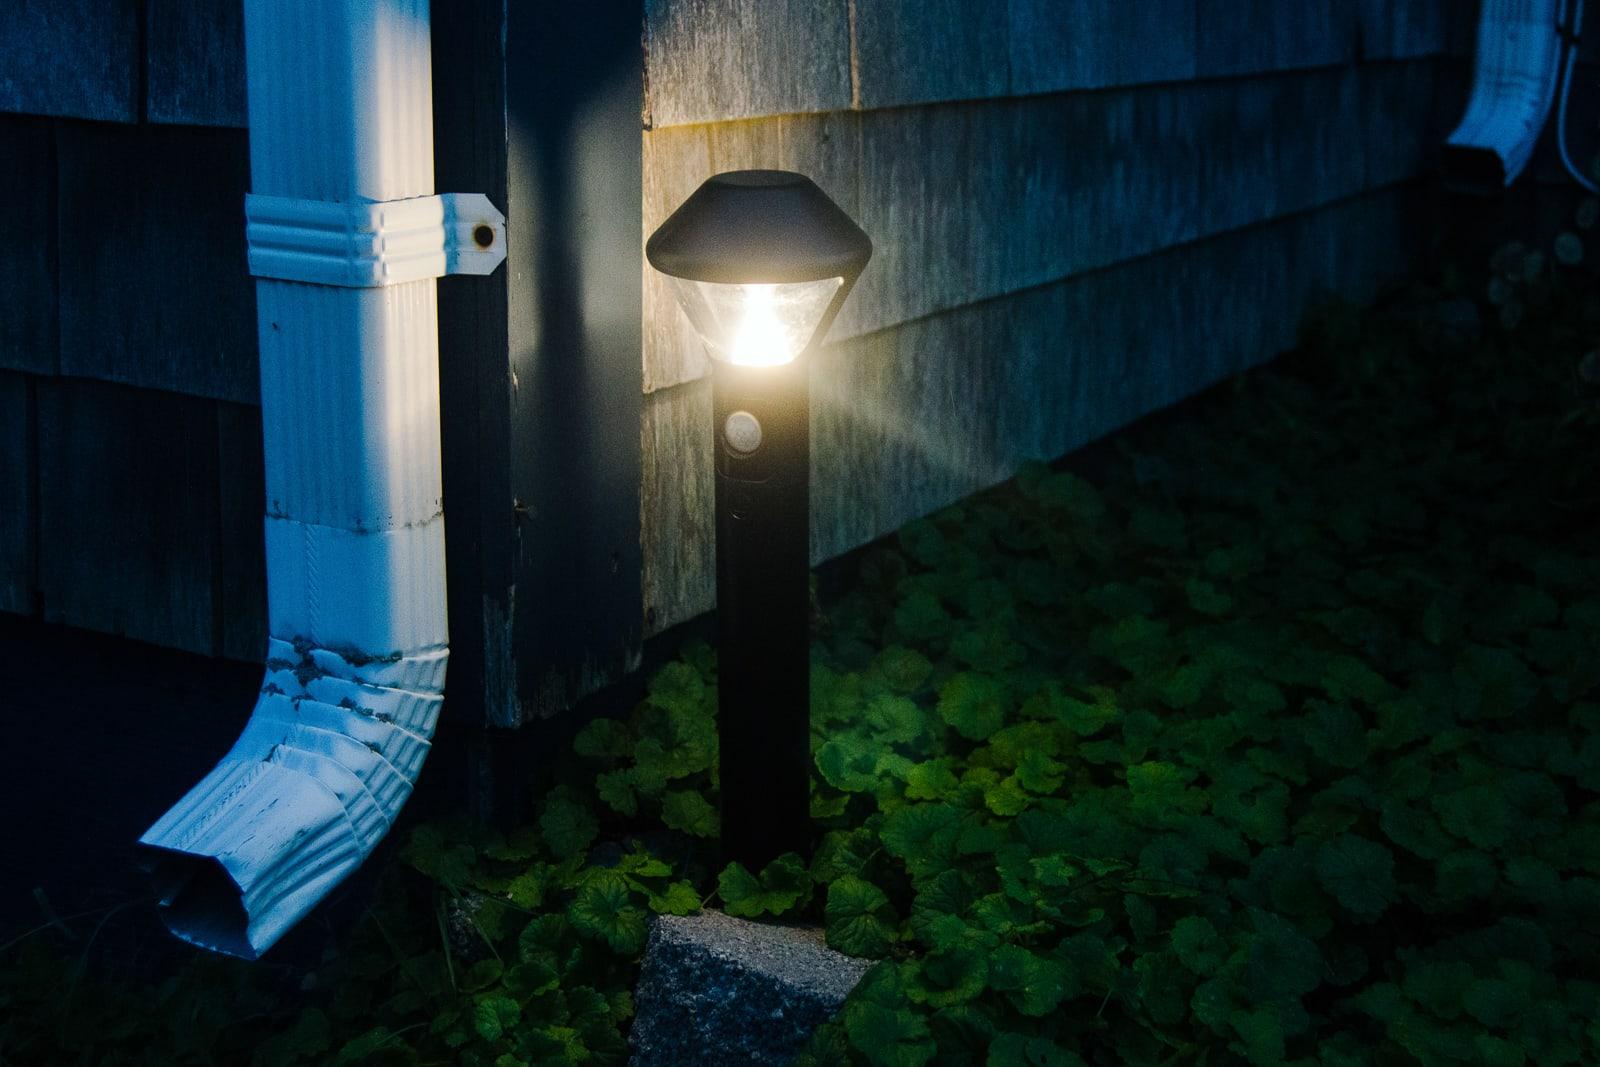 The Best Smart Outdoor Lighting For Backyards Pathways